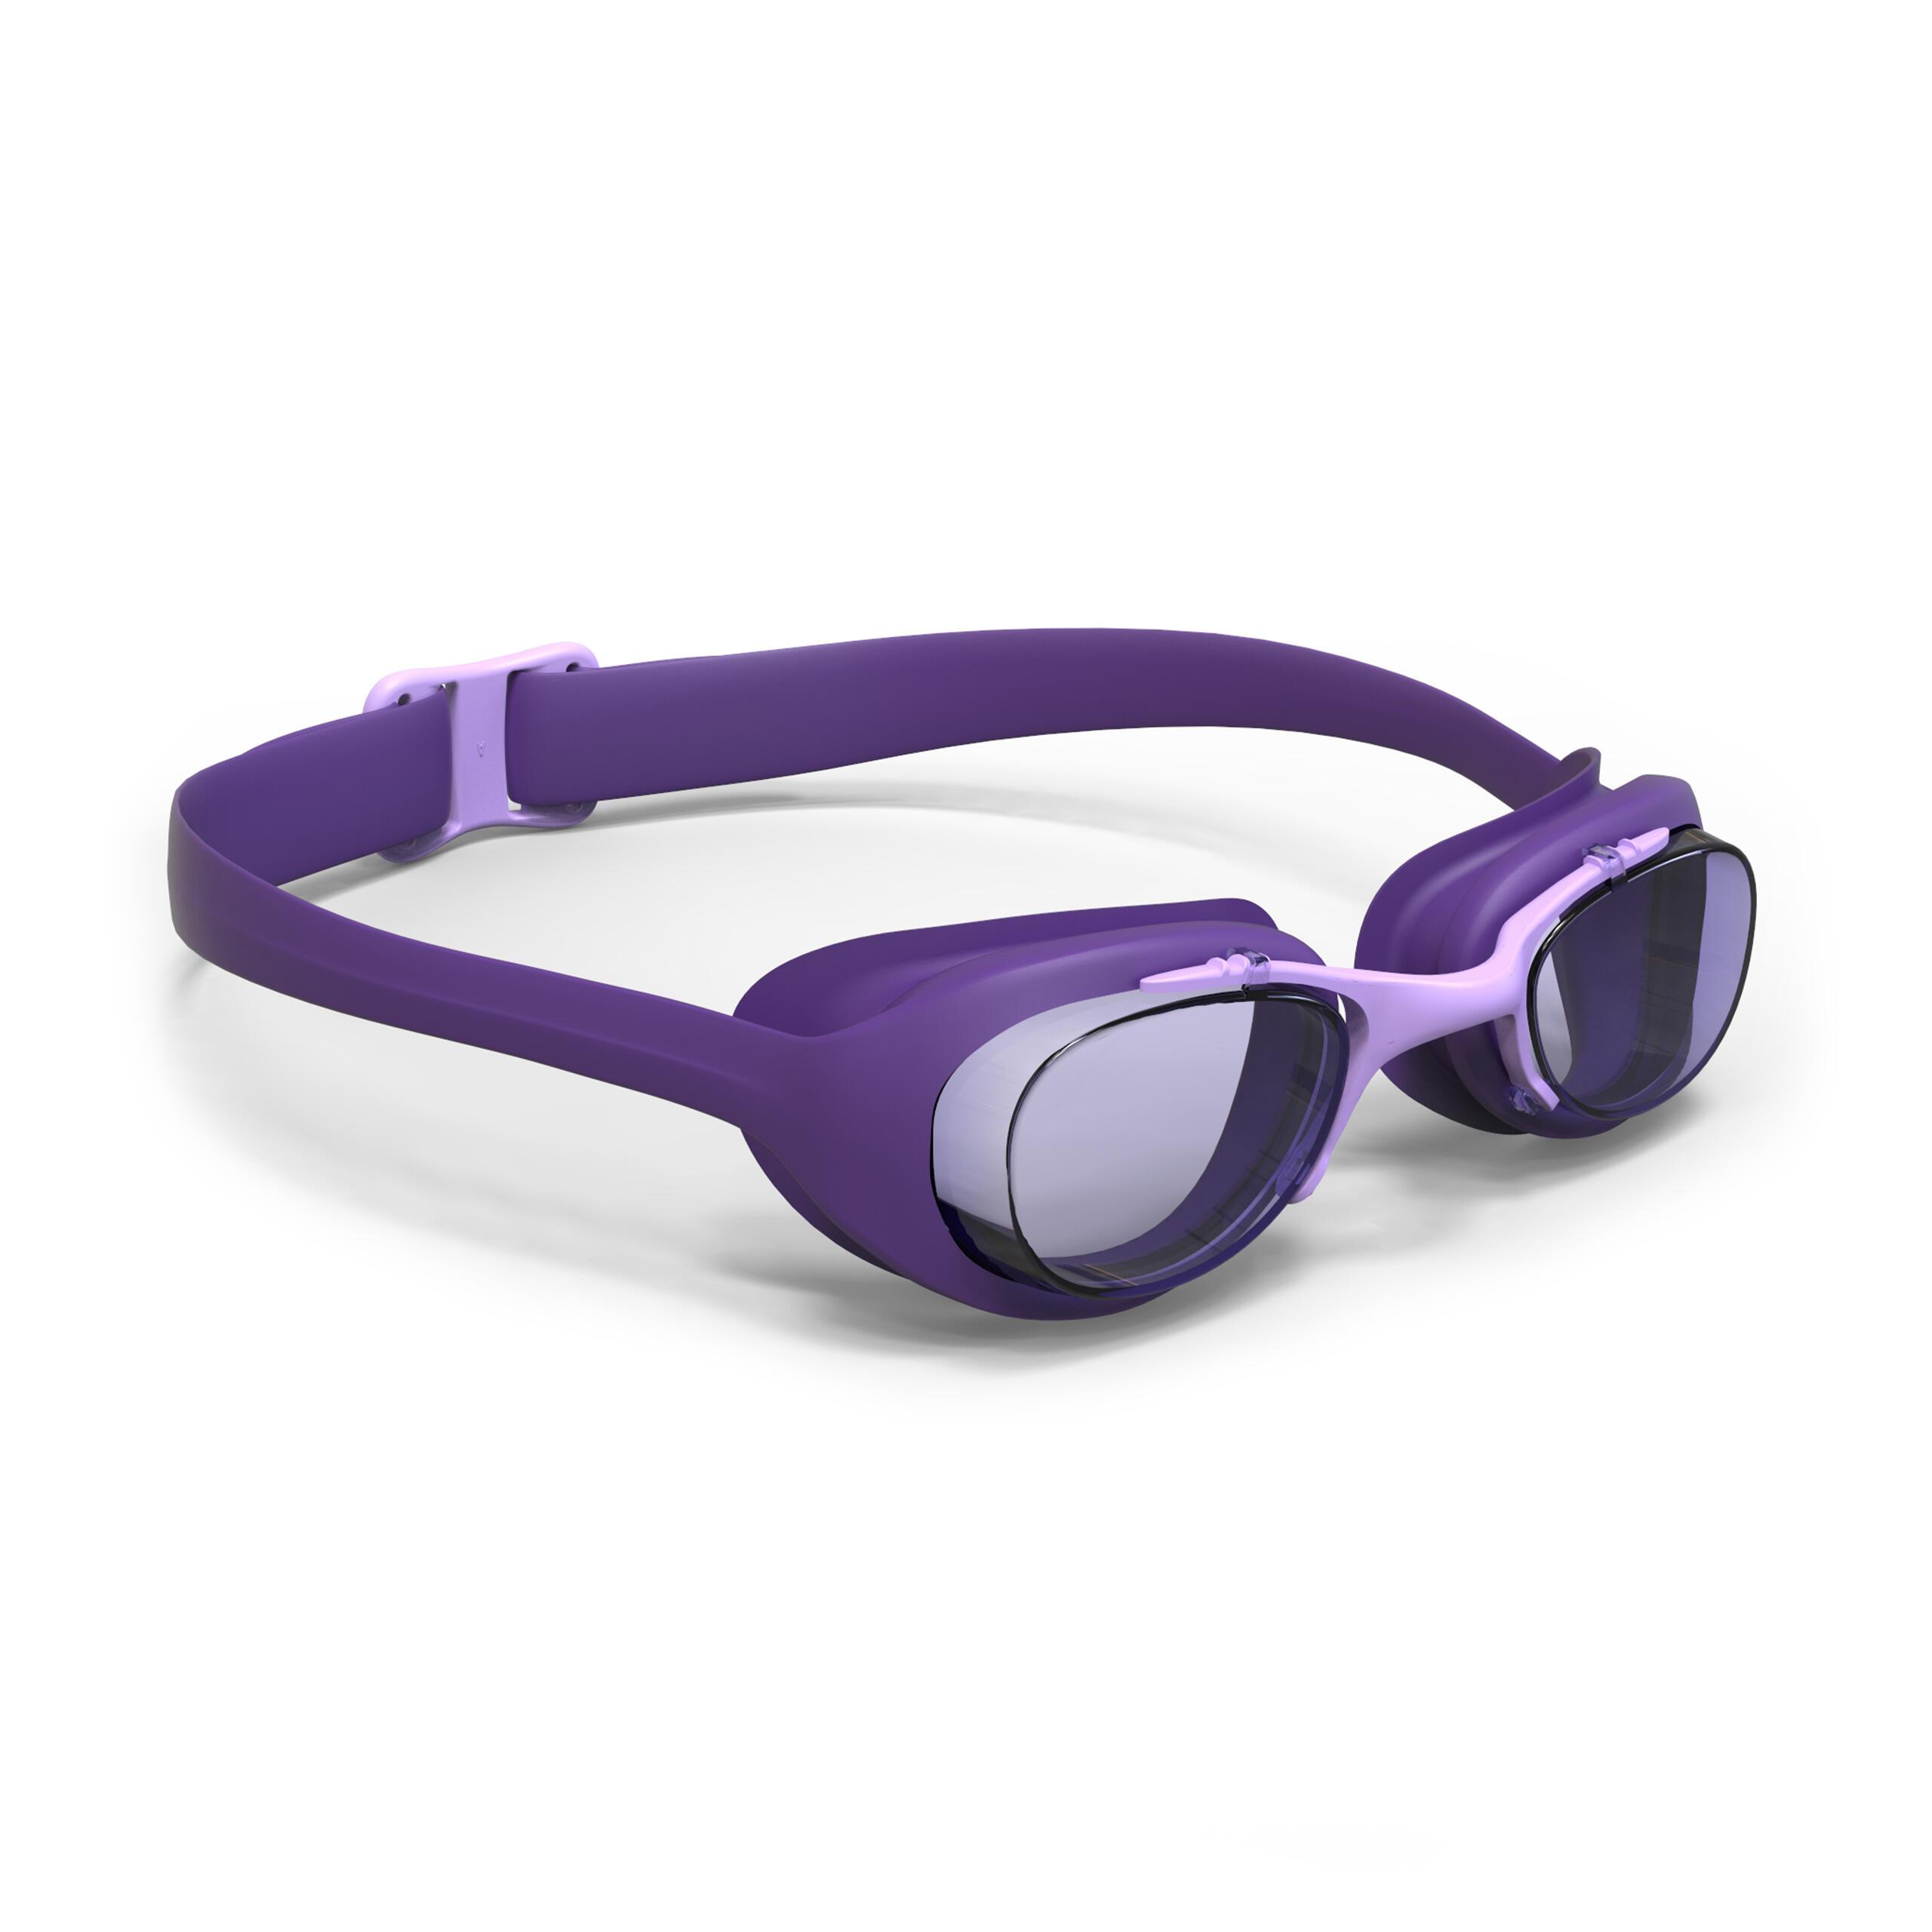 Lunettes de natation XBASE Taille L violet